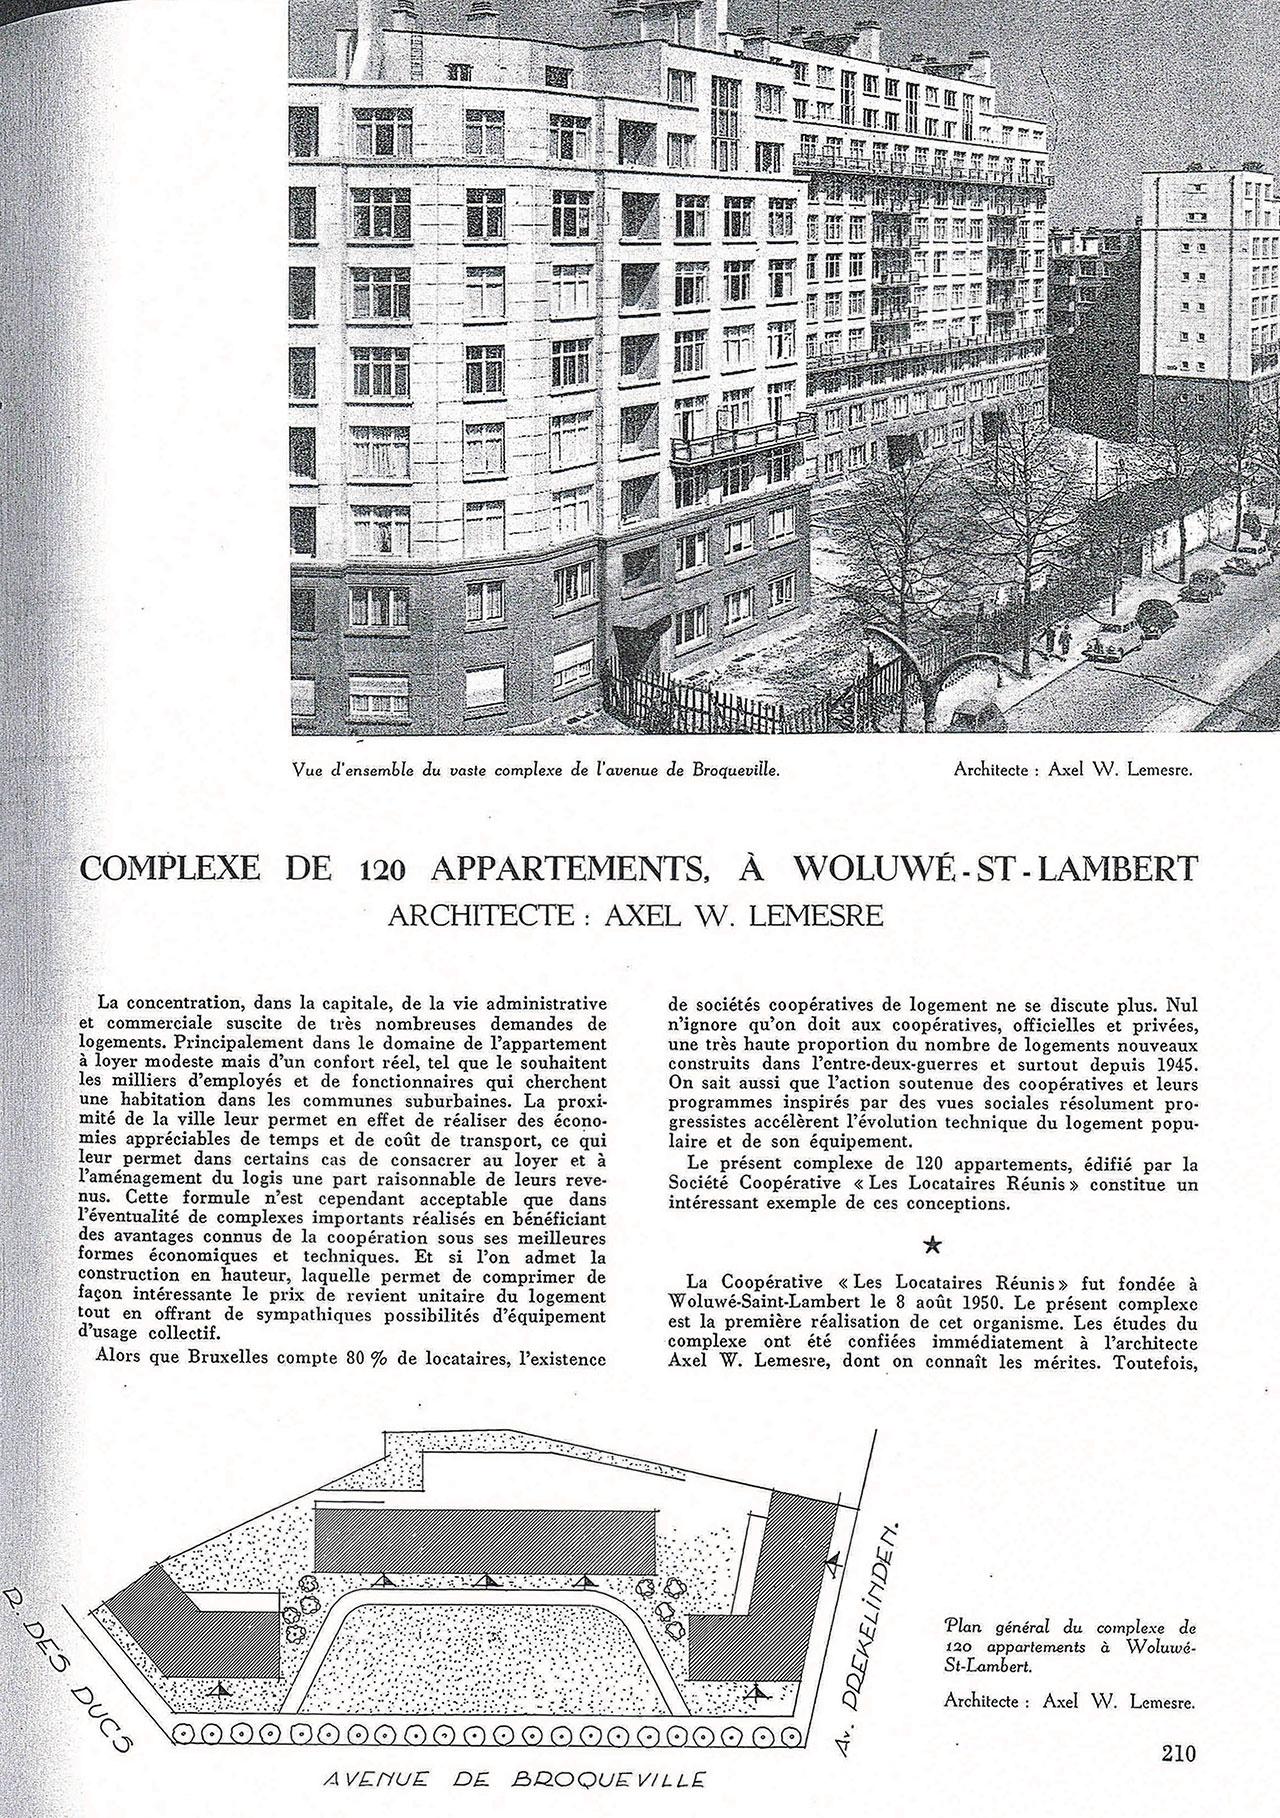 Complexe de 120 appartements, à Woluwé-St-Lambert